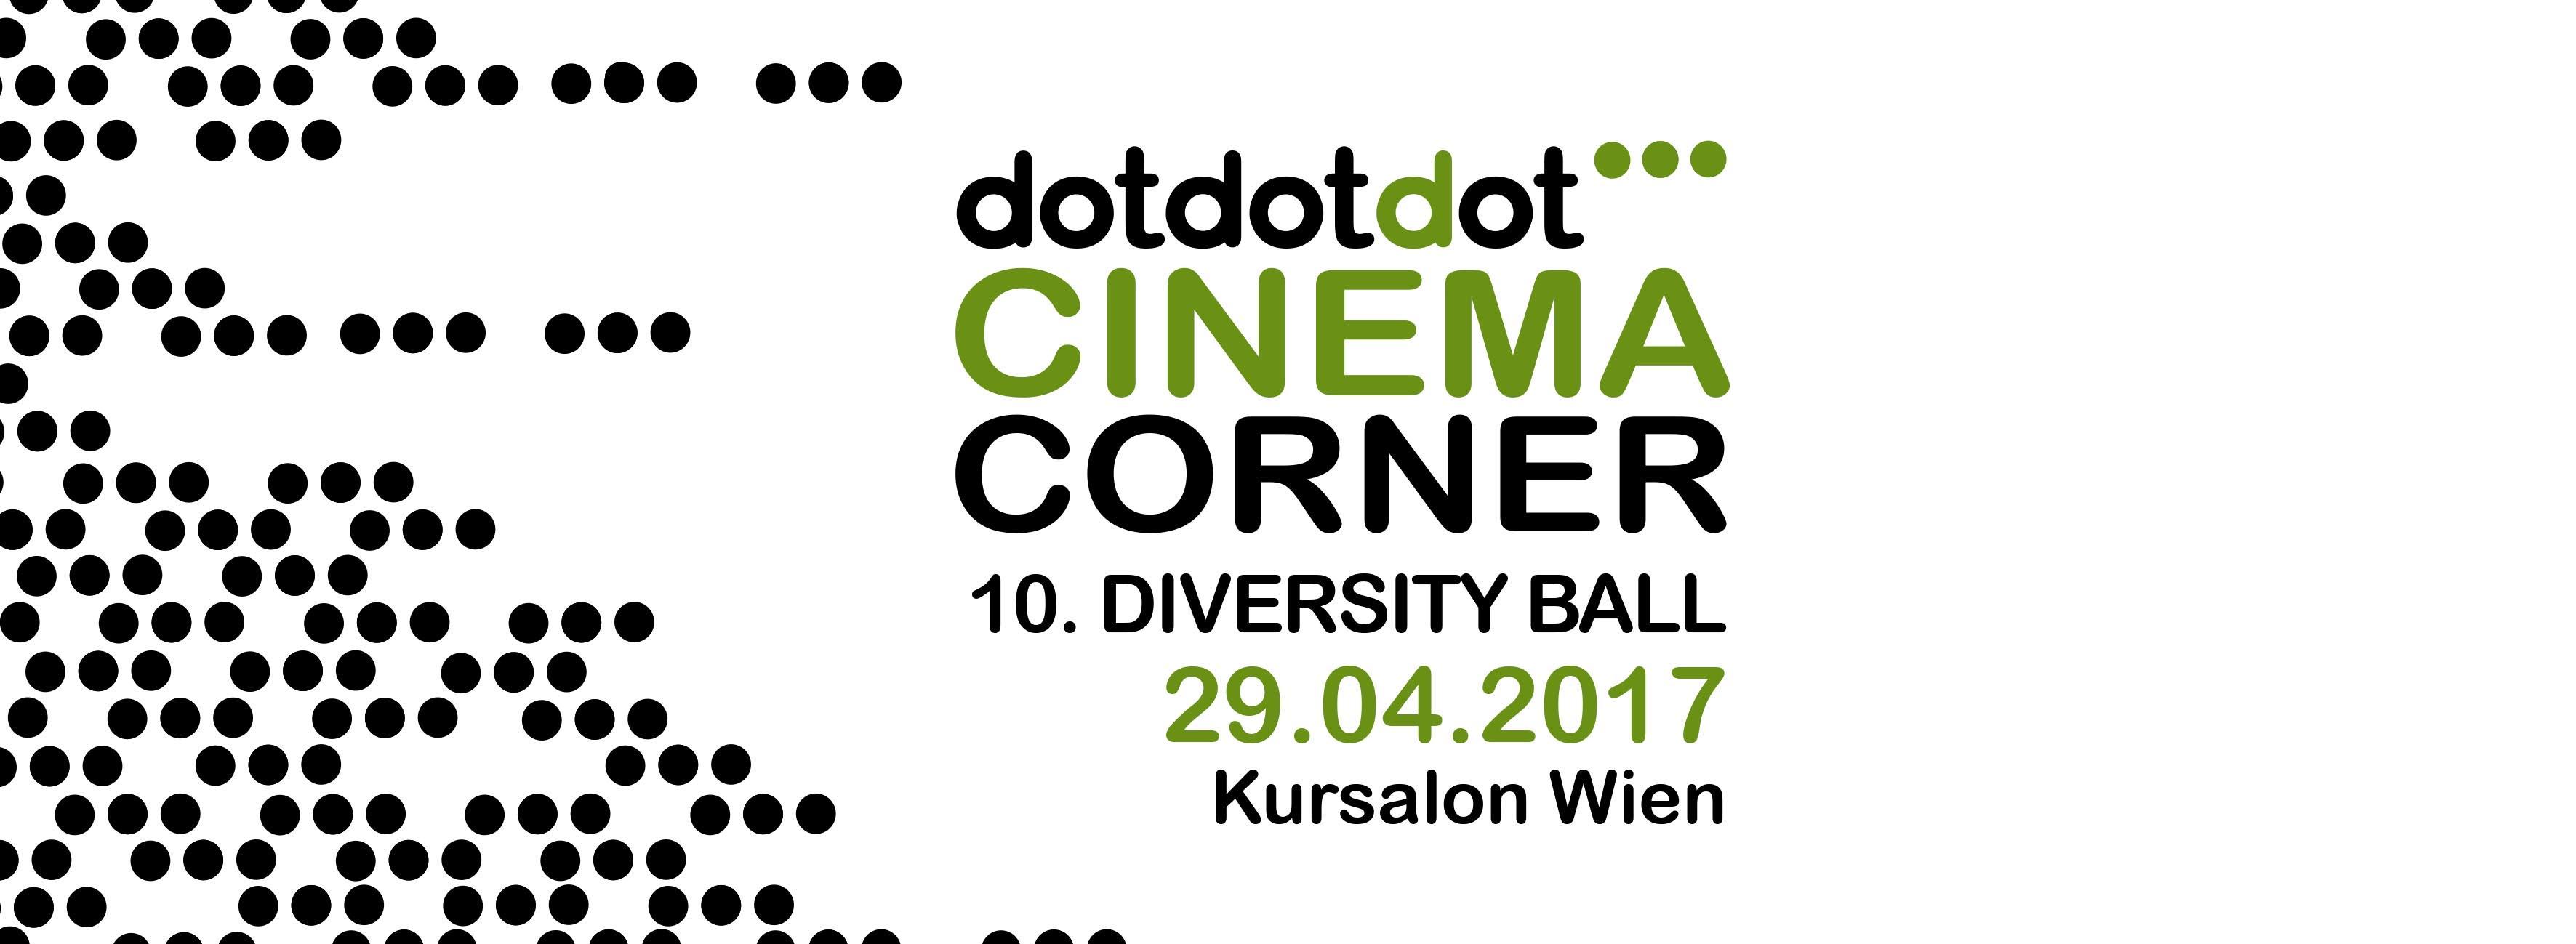 dotdotdot_fb_Diversity01